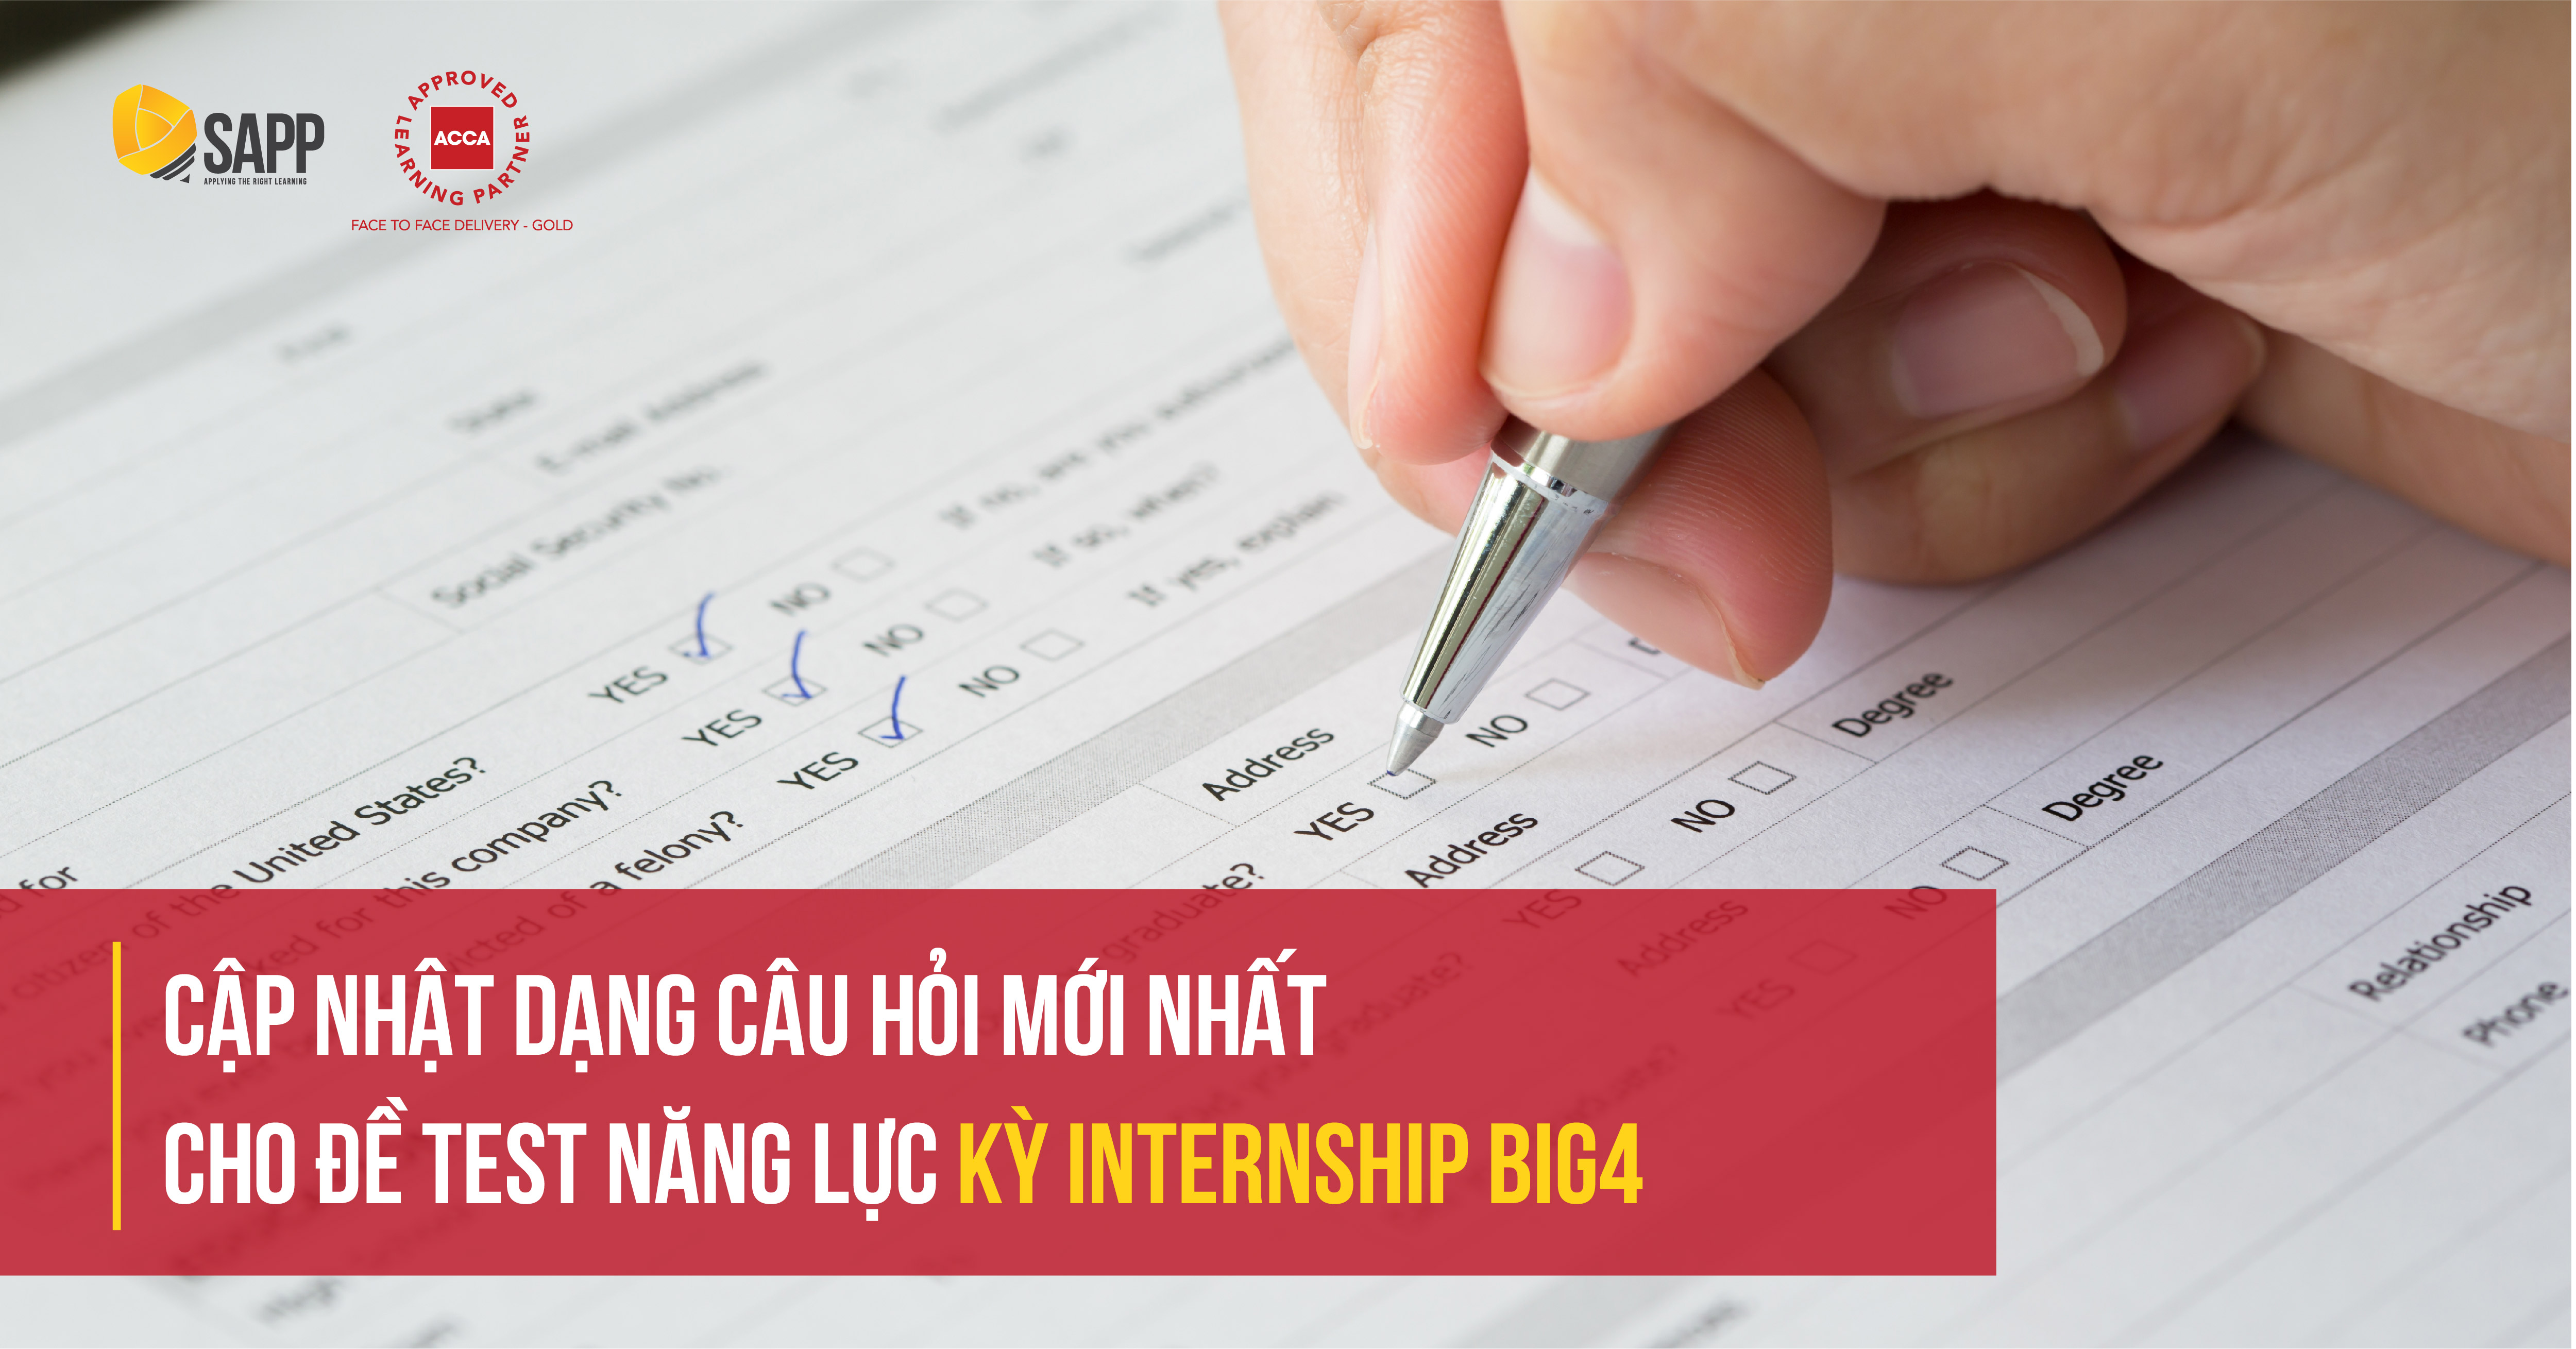 Cập nhật dạng câu hỏi mới nhất cho đề test năng lực kỳ Internship BIG4